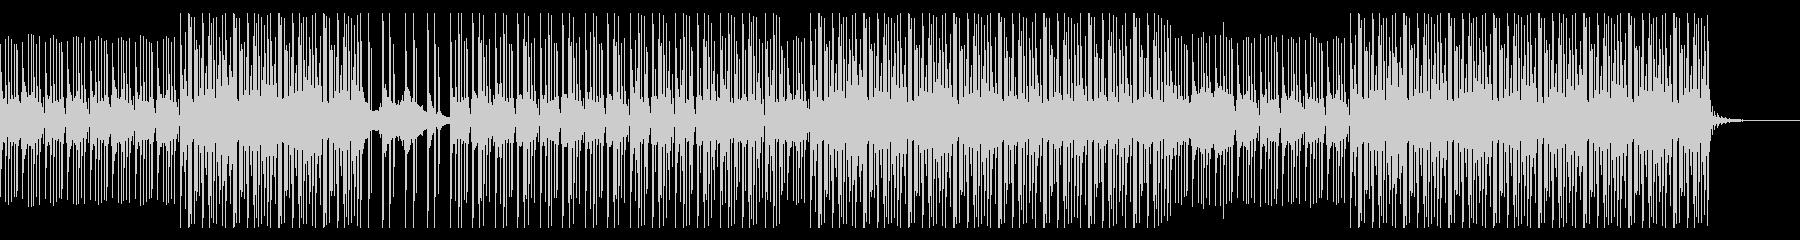 和風ダークヒップホップ7(三味線)の未再生の波形